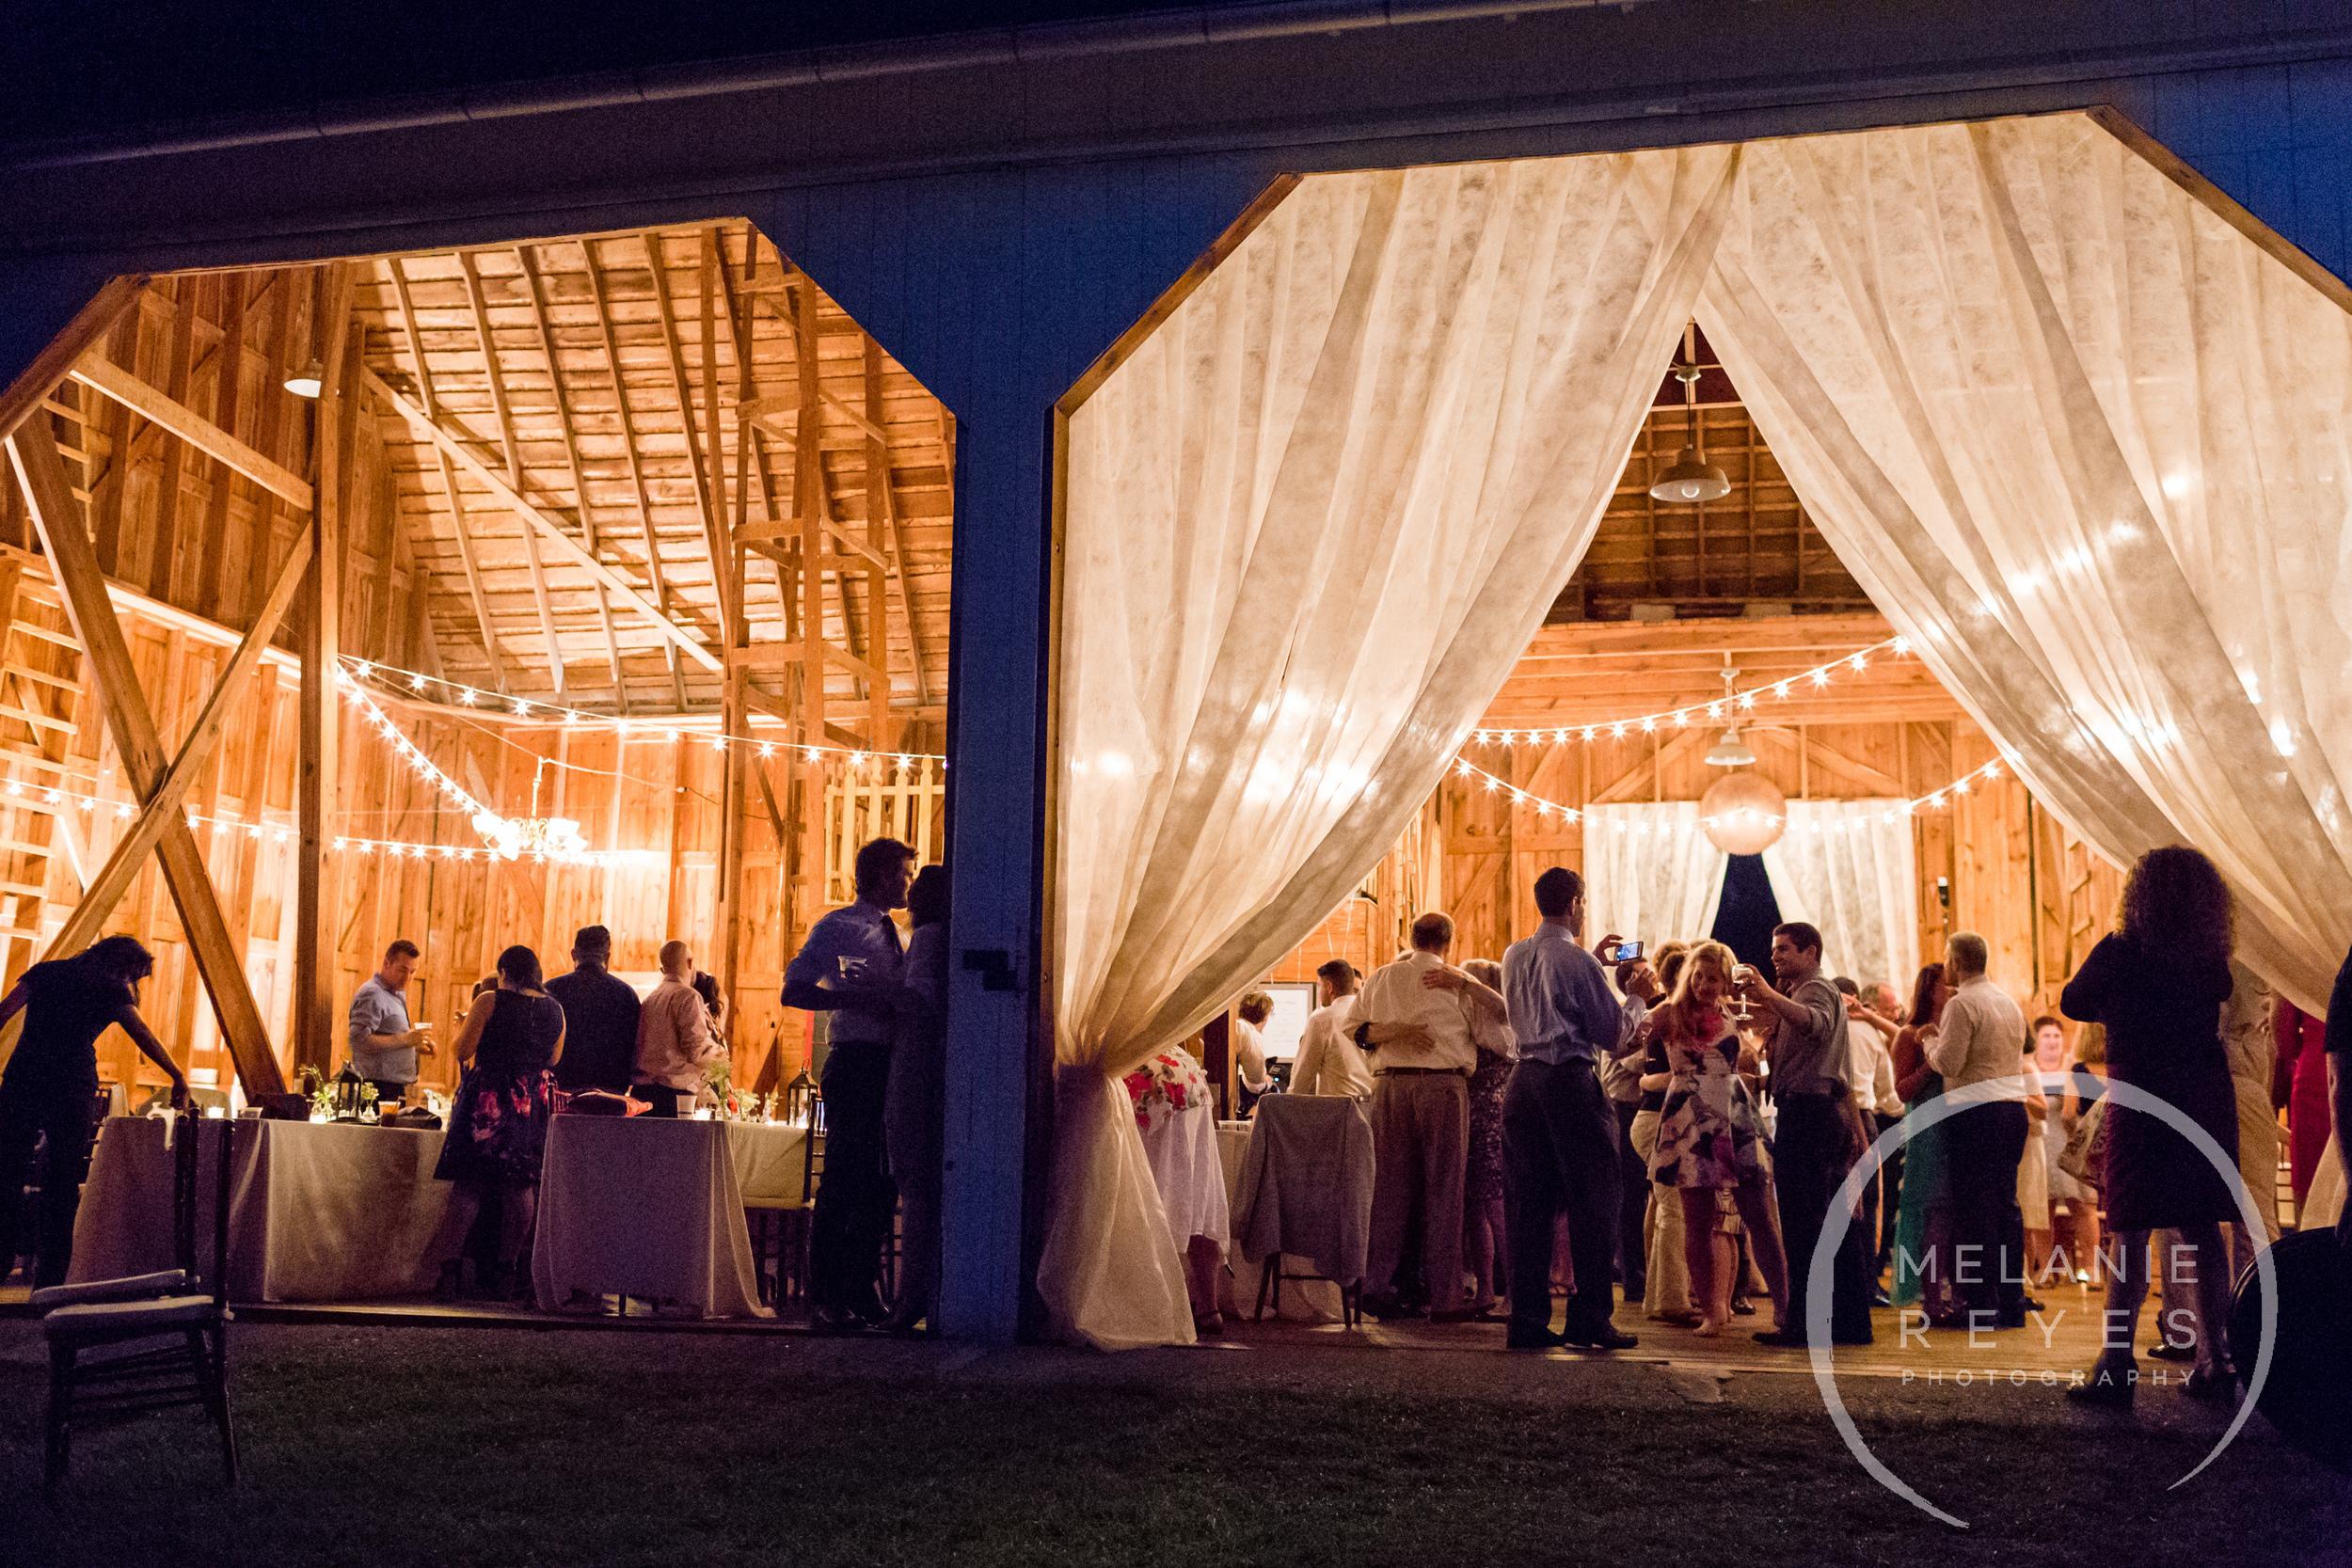 091_farm_wedding_melanie_reyes.JPG